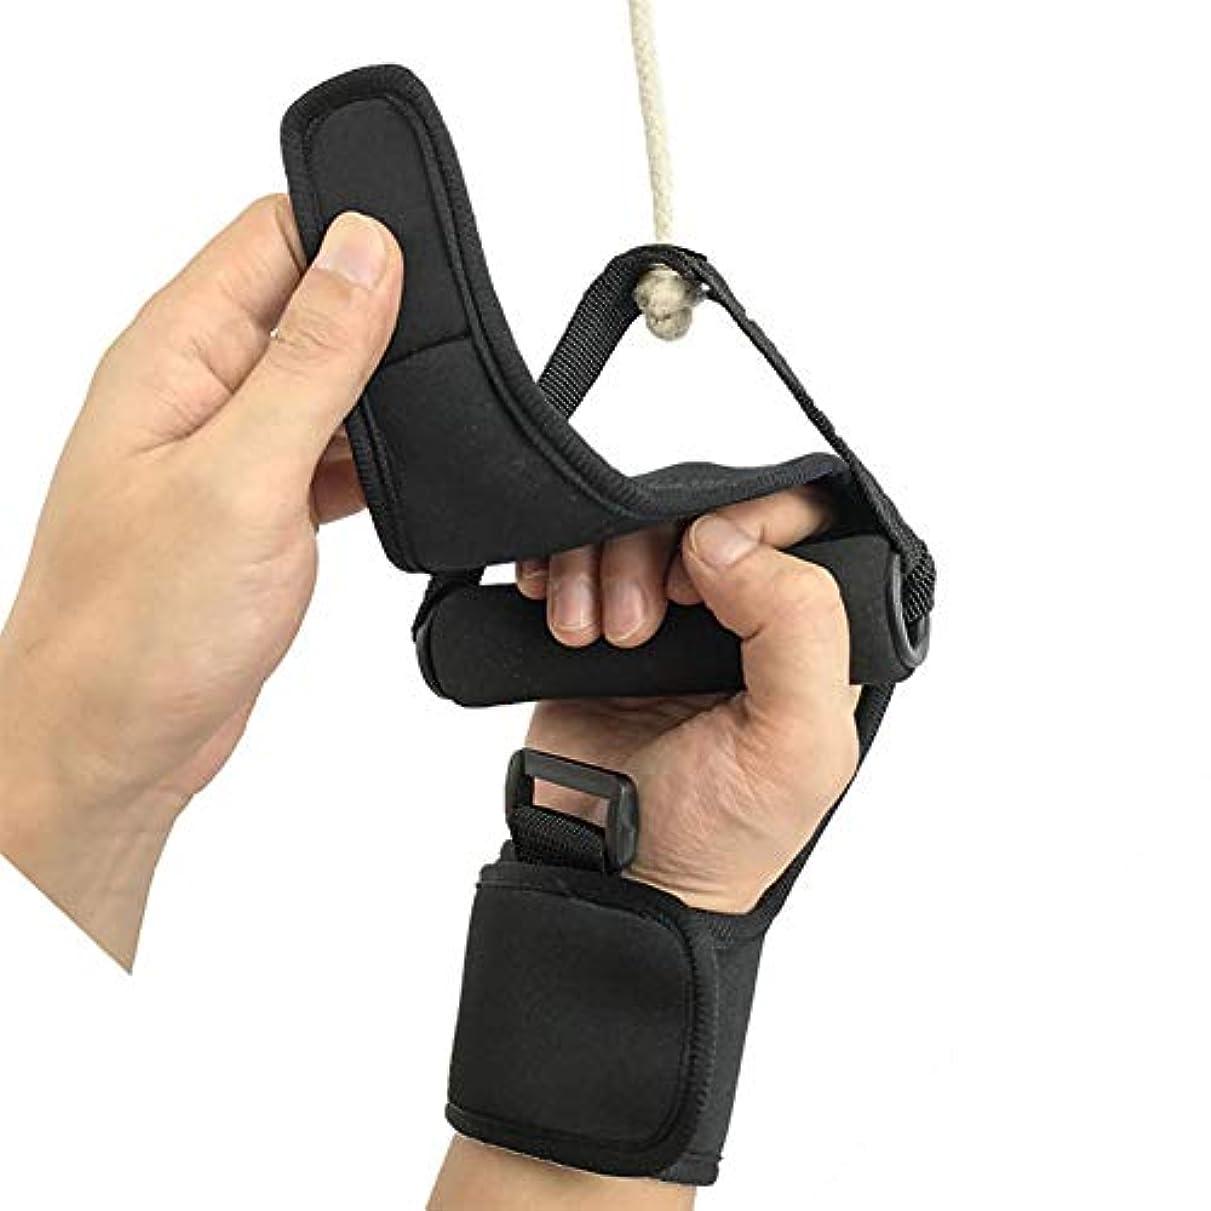 サイバースペースアコーかわす固定手袋リハビリテーション訓練機器アンチスキッド通気性ハンドフィストフィンガーグローブ、